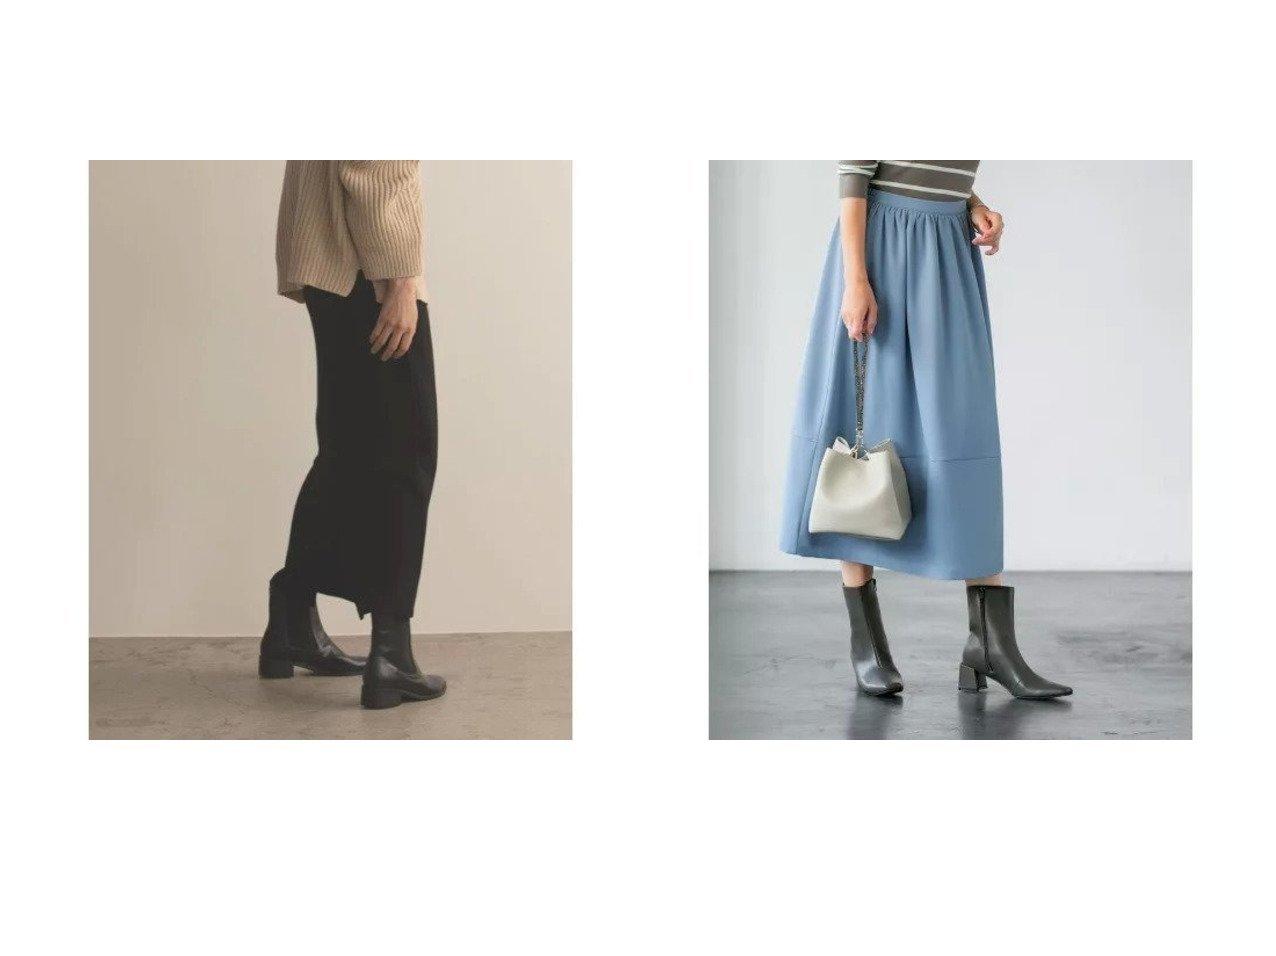 【marjour/マージュール】のSTRETCH ROUGH SKIRT&【STYLE DELI/スタイルデリ】のミディ丈裾切替ギャザーフレアスカート 【スカート】おすすめ!人気、トレンド・レディースファッションの通販 おすすめで人気の流行・トレンド、ファッションの通販商品 インテリア・家具・メンズファッション・キッズファッション・レディースファッション・服の通販 founy(ファニー) https://founy.com/ ファッション Fashion レディースファッション WOMEN スカート Skirt Aライン/フレアスカート Flared A-Line Skirts 春 Spring ギャザー 切替 シンプル 定番 Standard バランス フォルム フレア ポケット マキシ ロング 冬 Winter おすすめ Recommend アクセサリー クール サンダル ショート スウェット ストライプ ストレッチ スニーカー スリット タートル チェック 夏 Summer 楽ちん |ID:crp329100000067686